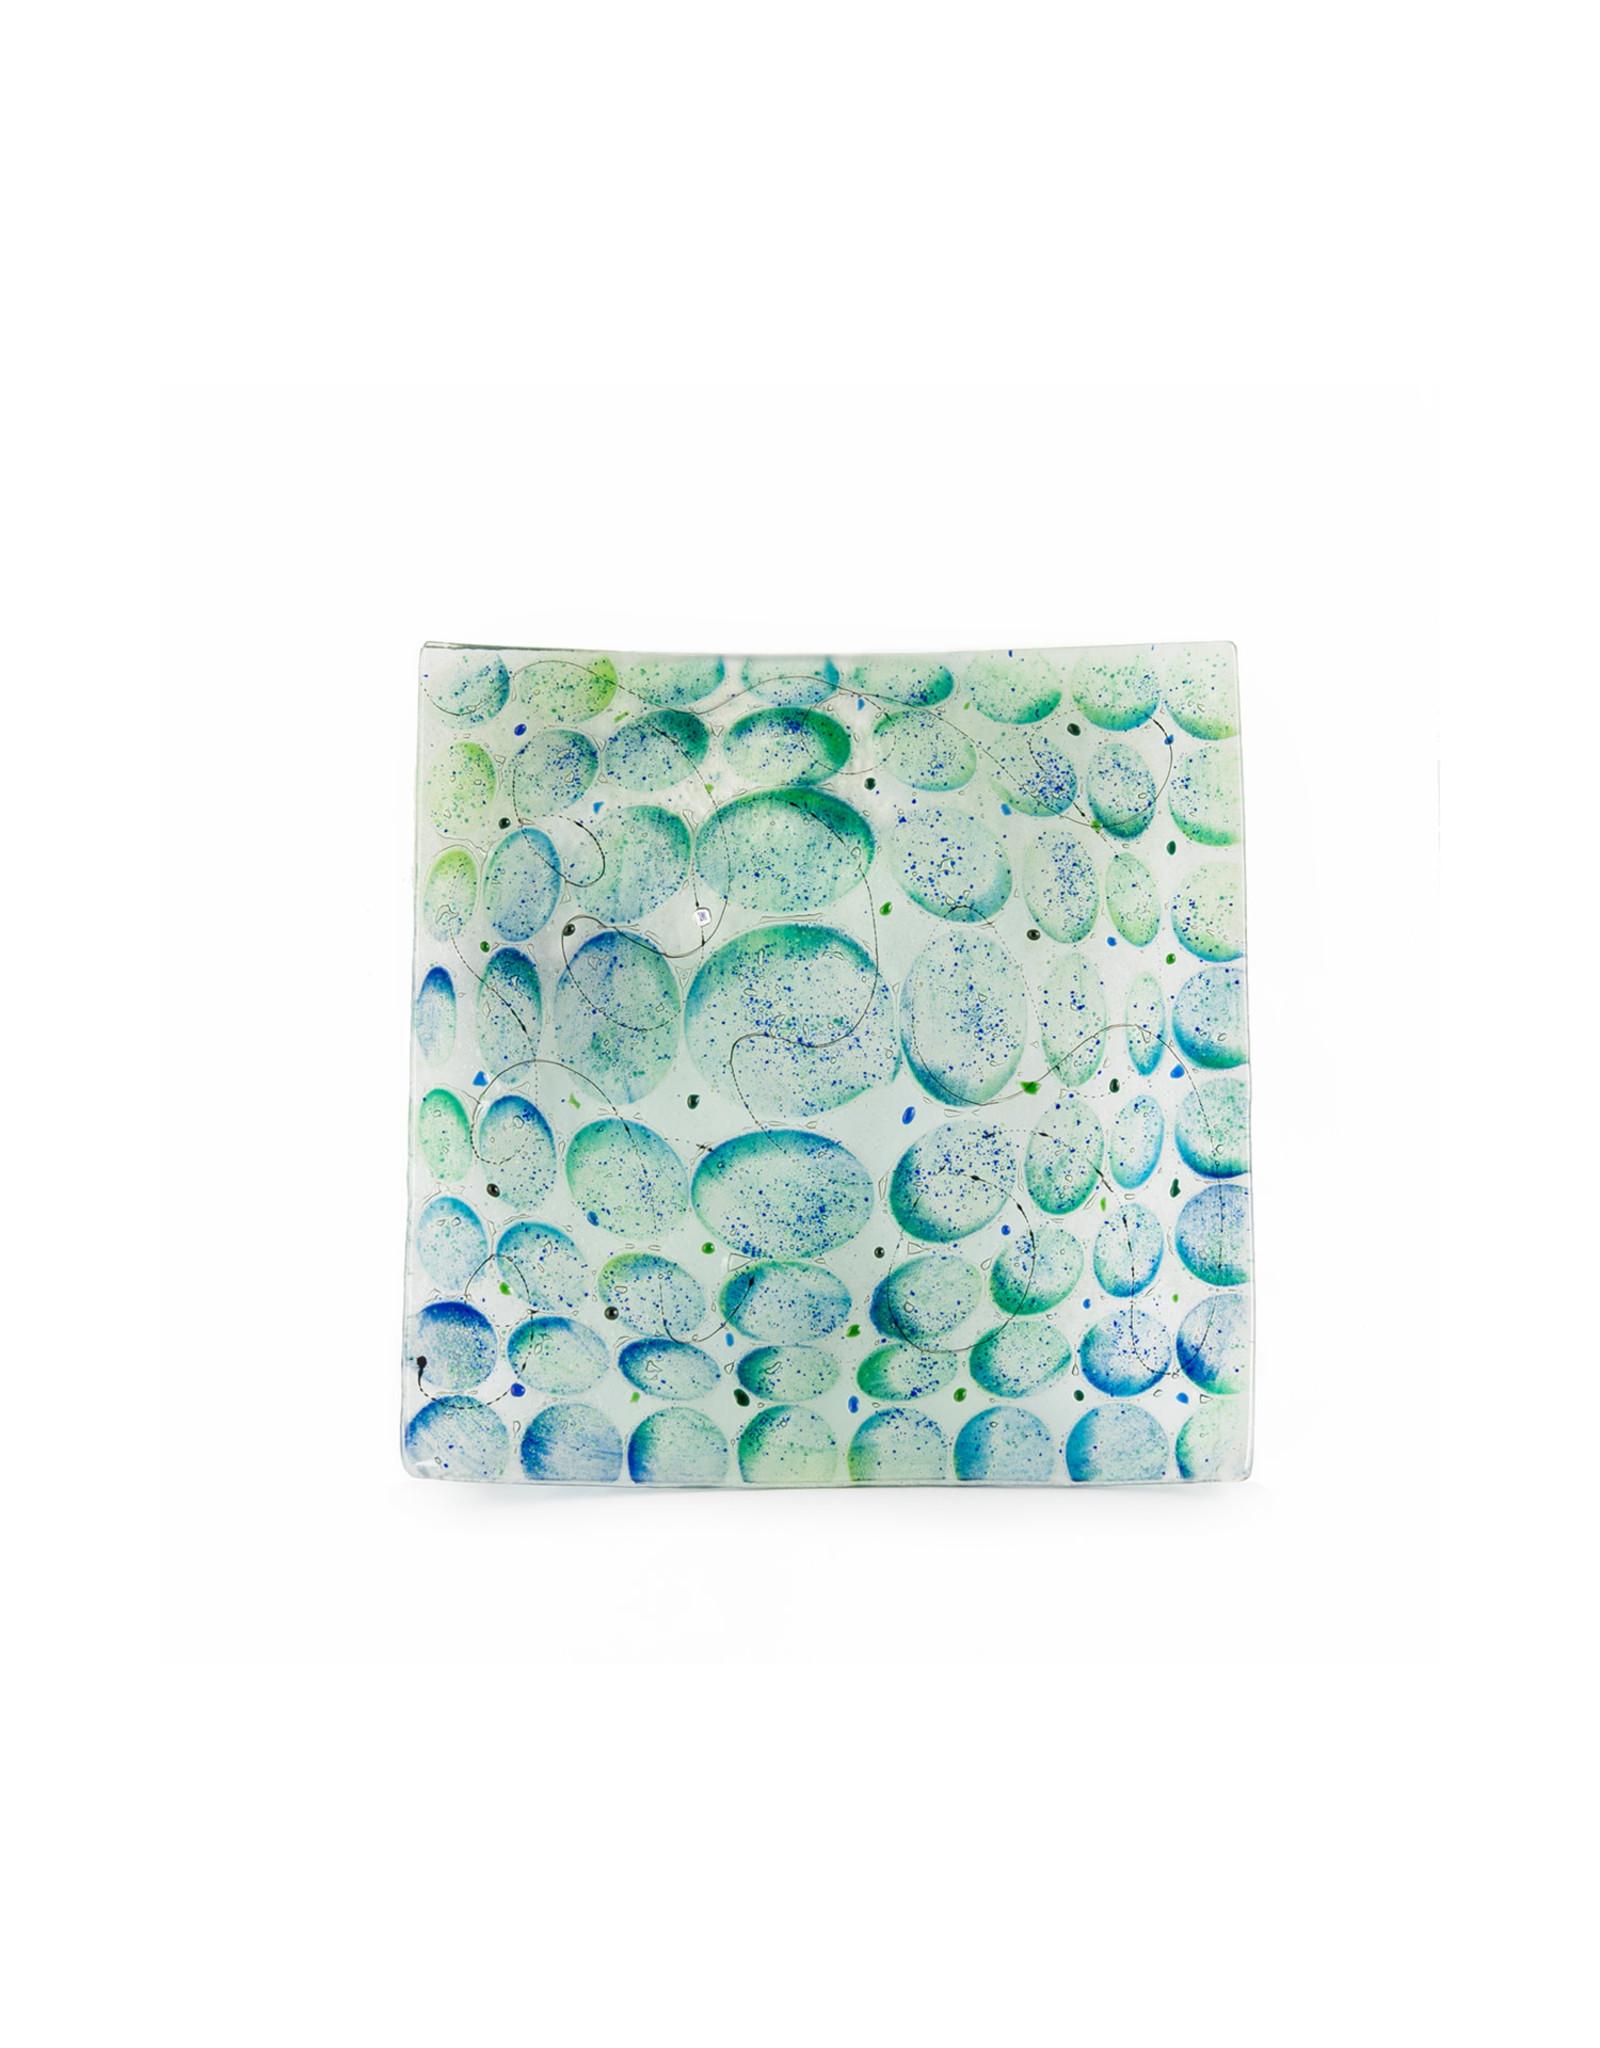 Matzah Plate  Green/Blue Artisanal